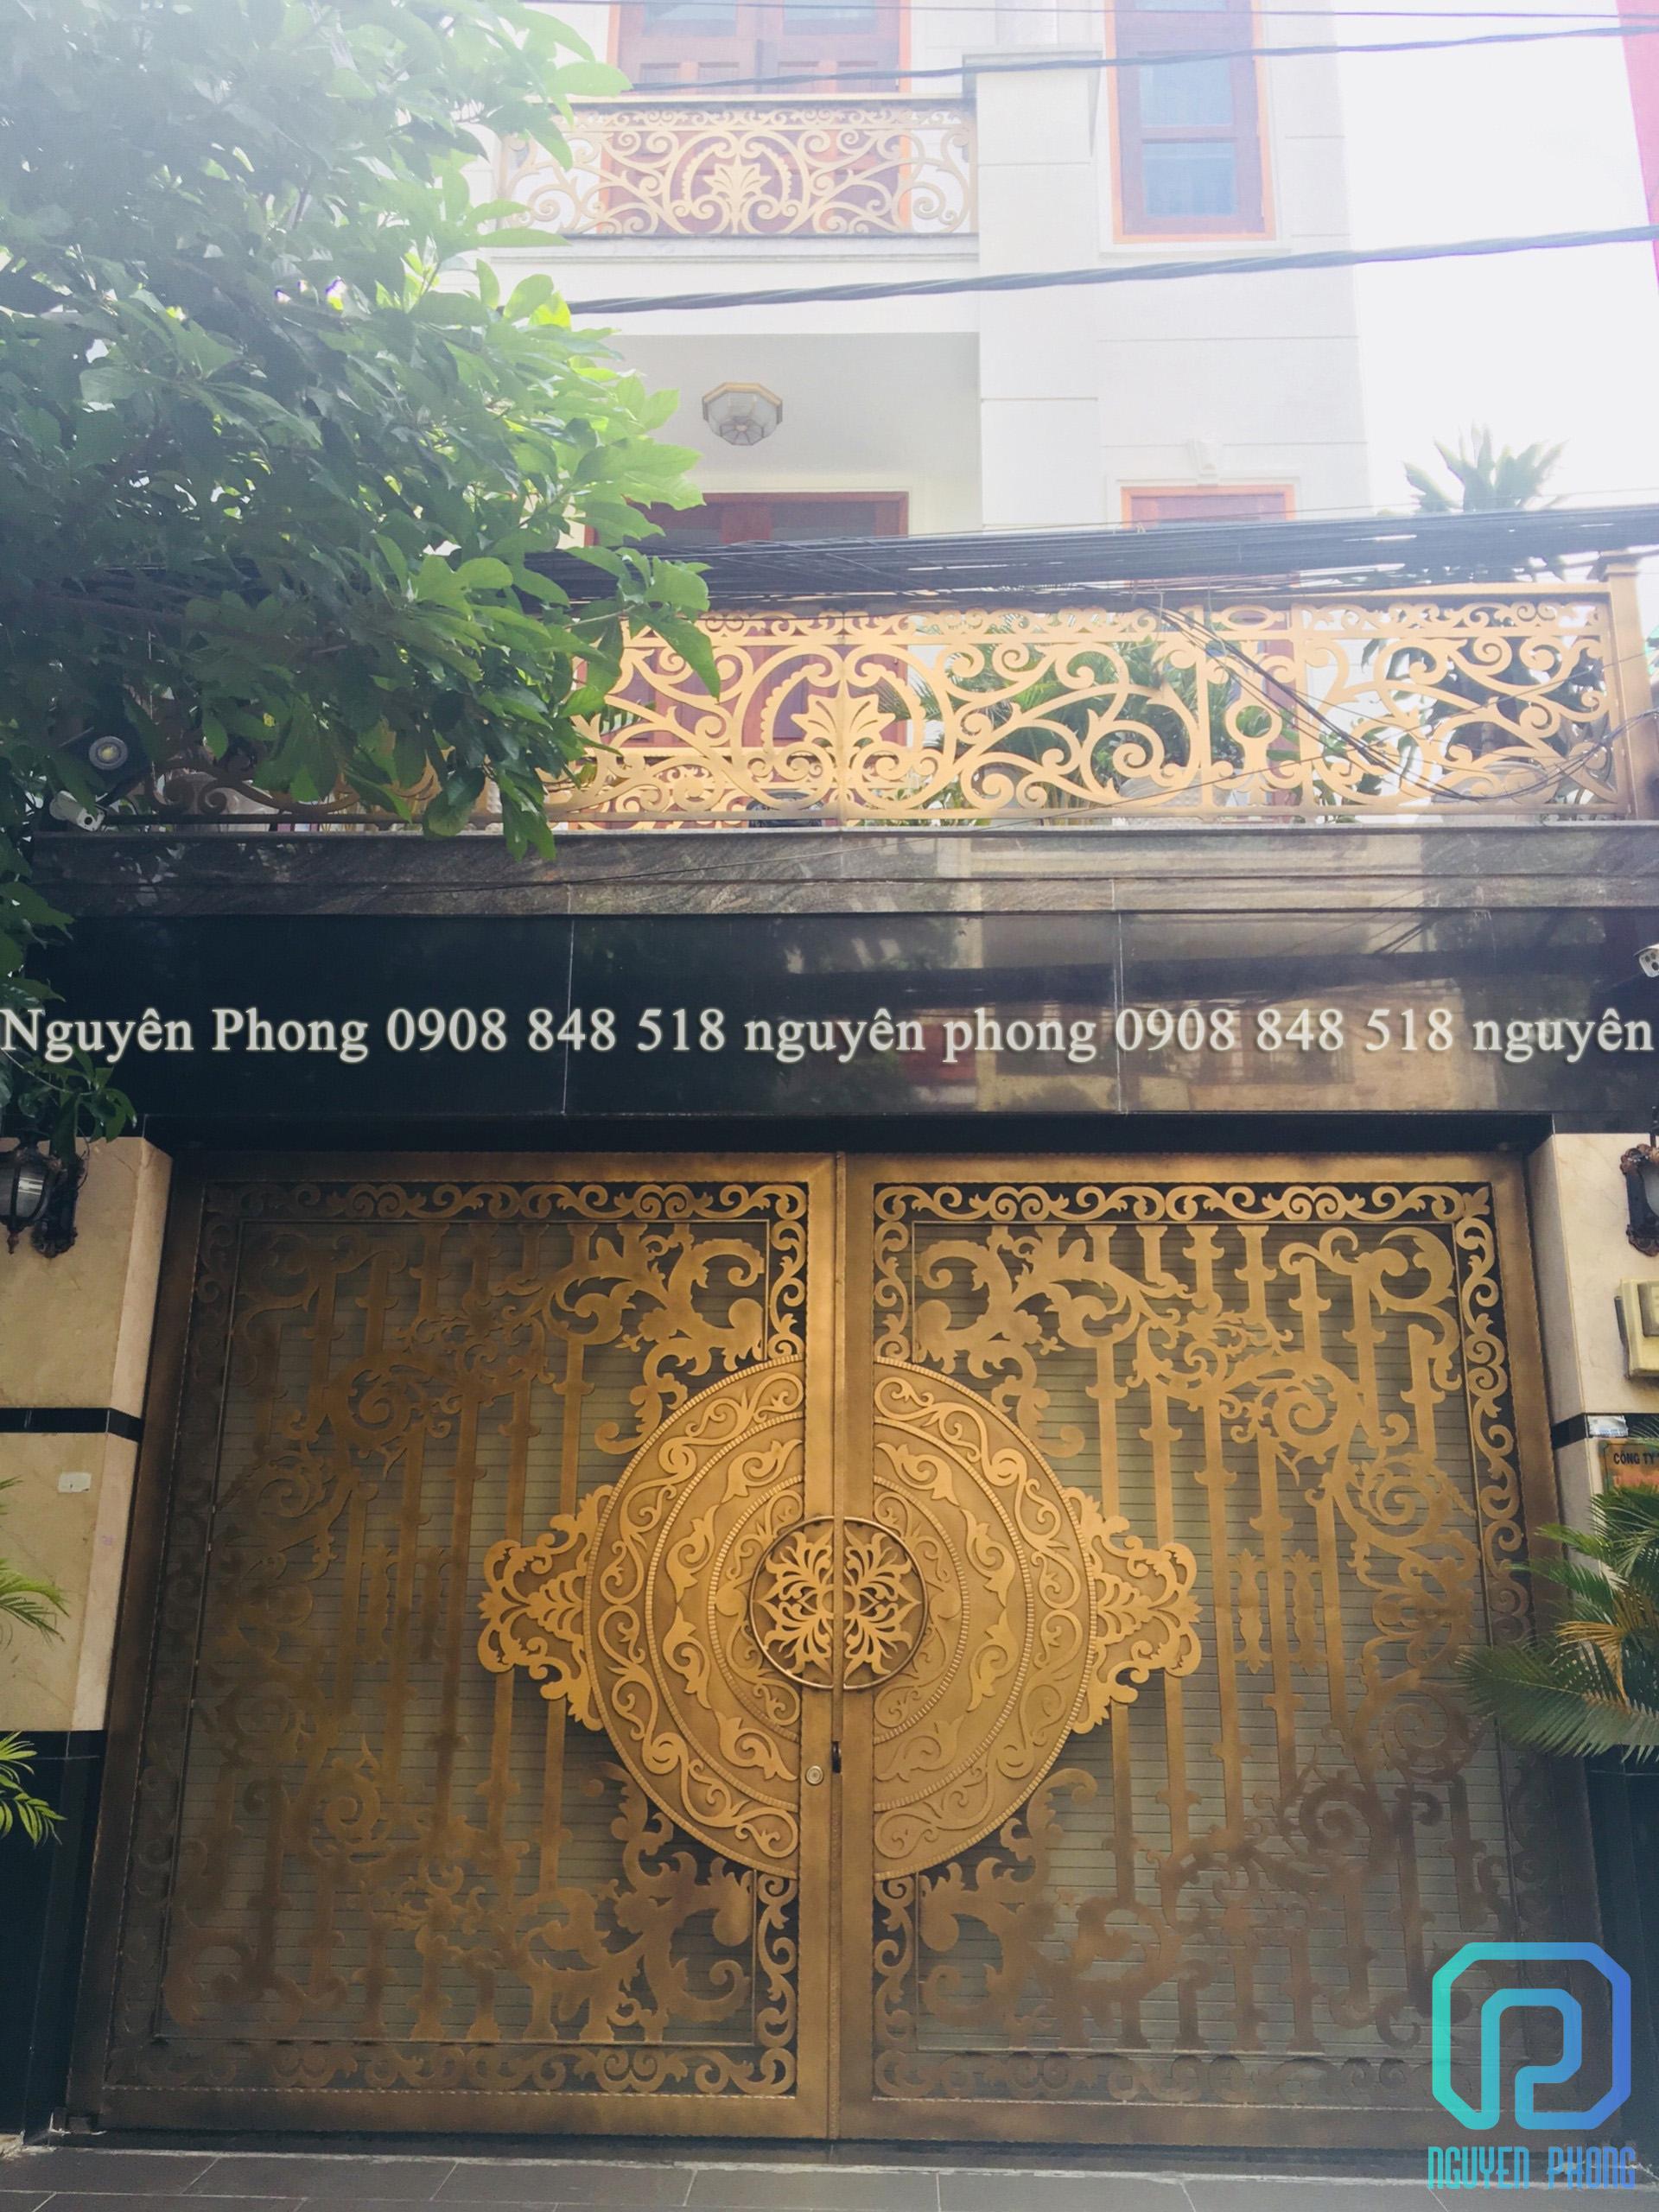 Biệt thự, villa sang trọng không thể thiếu cổng sắt mỹ thuật đẹp 2021